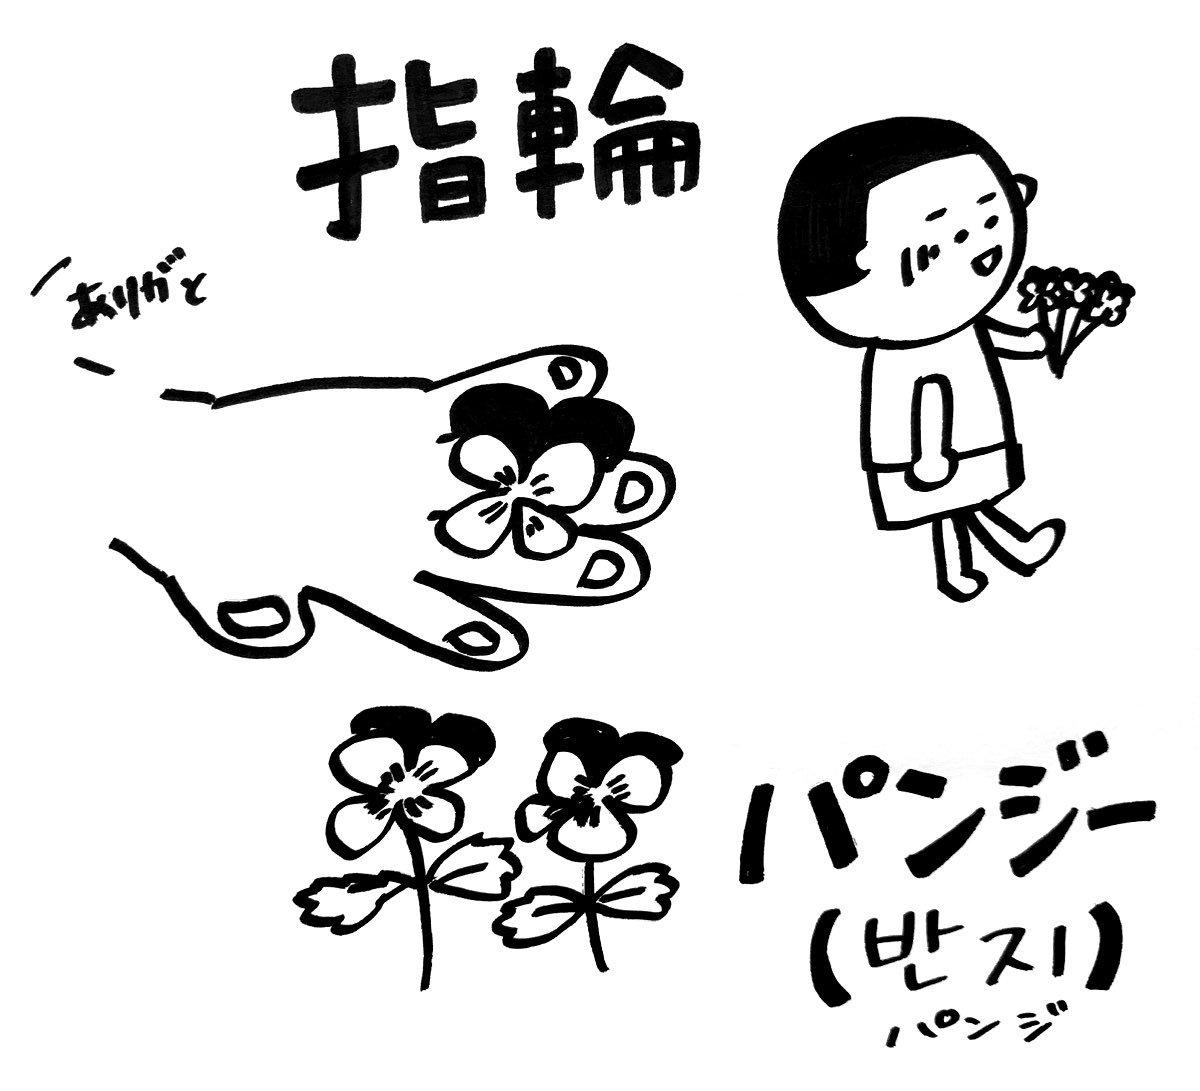 こんぶパン At イラストとゴロで覚える韓国語 At Konbupan1 Twitter